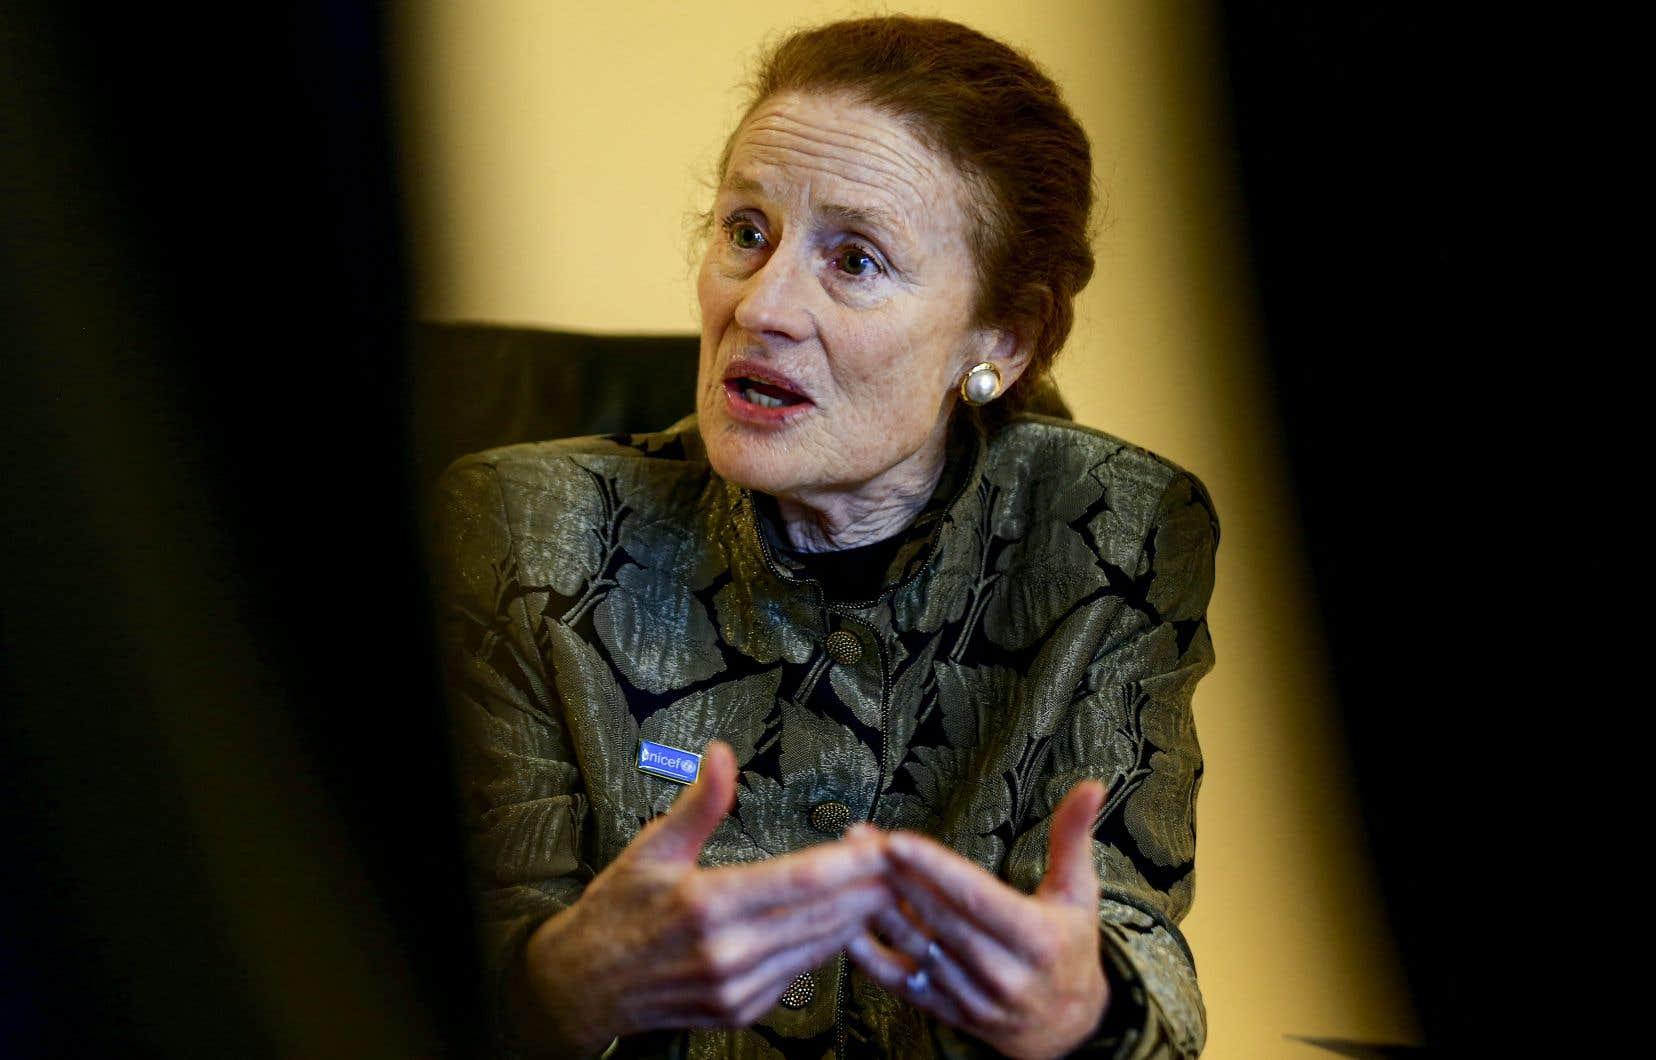 «La COVID-19 a aggravé une situation déjà difficile pour des millions de filles», a déclaré la directrice exécutive de l'UNICEF, Henrietta Fore.